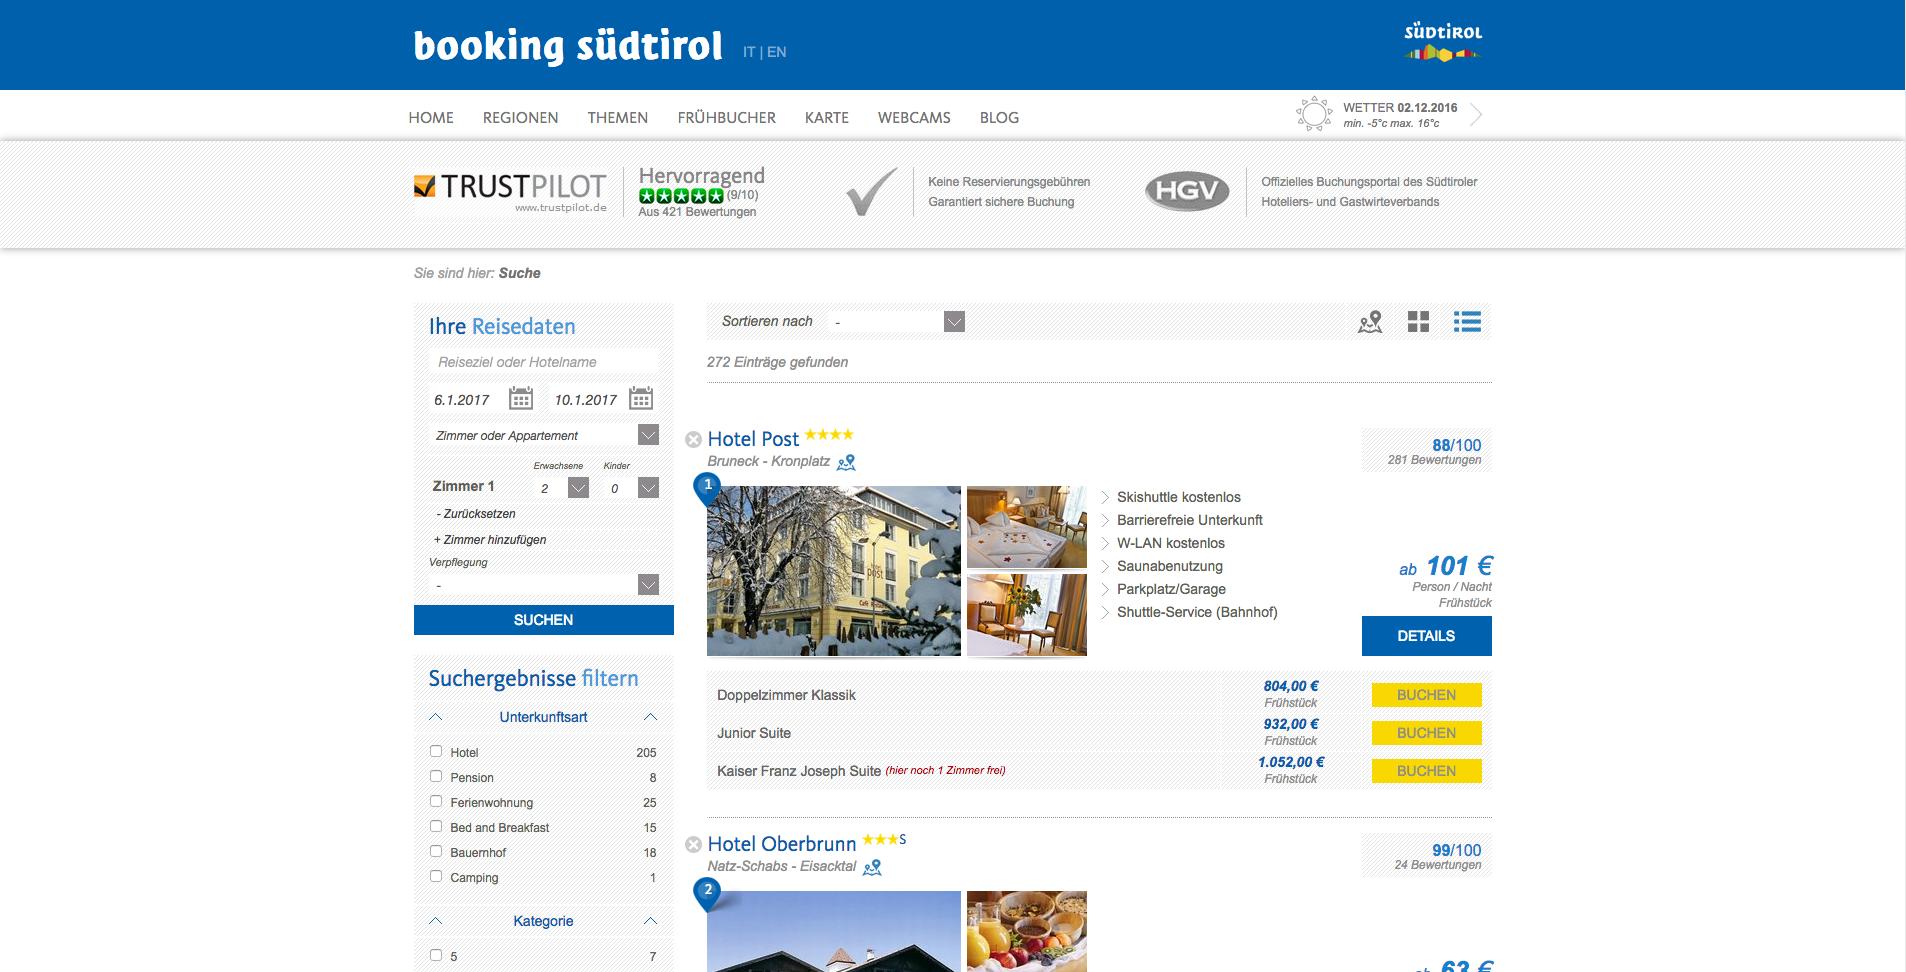 booking-sued-tirol-interno-de